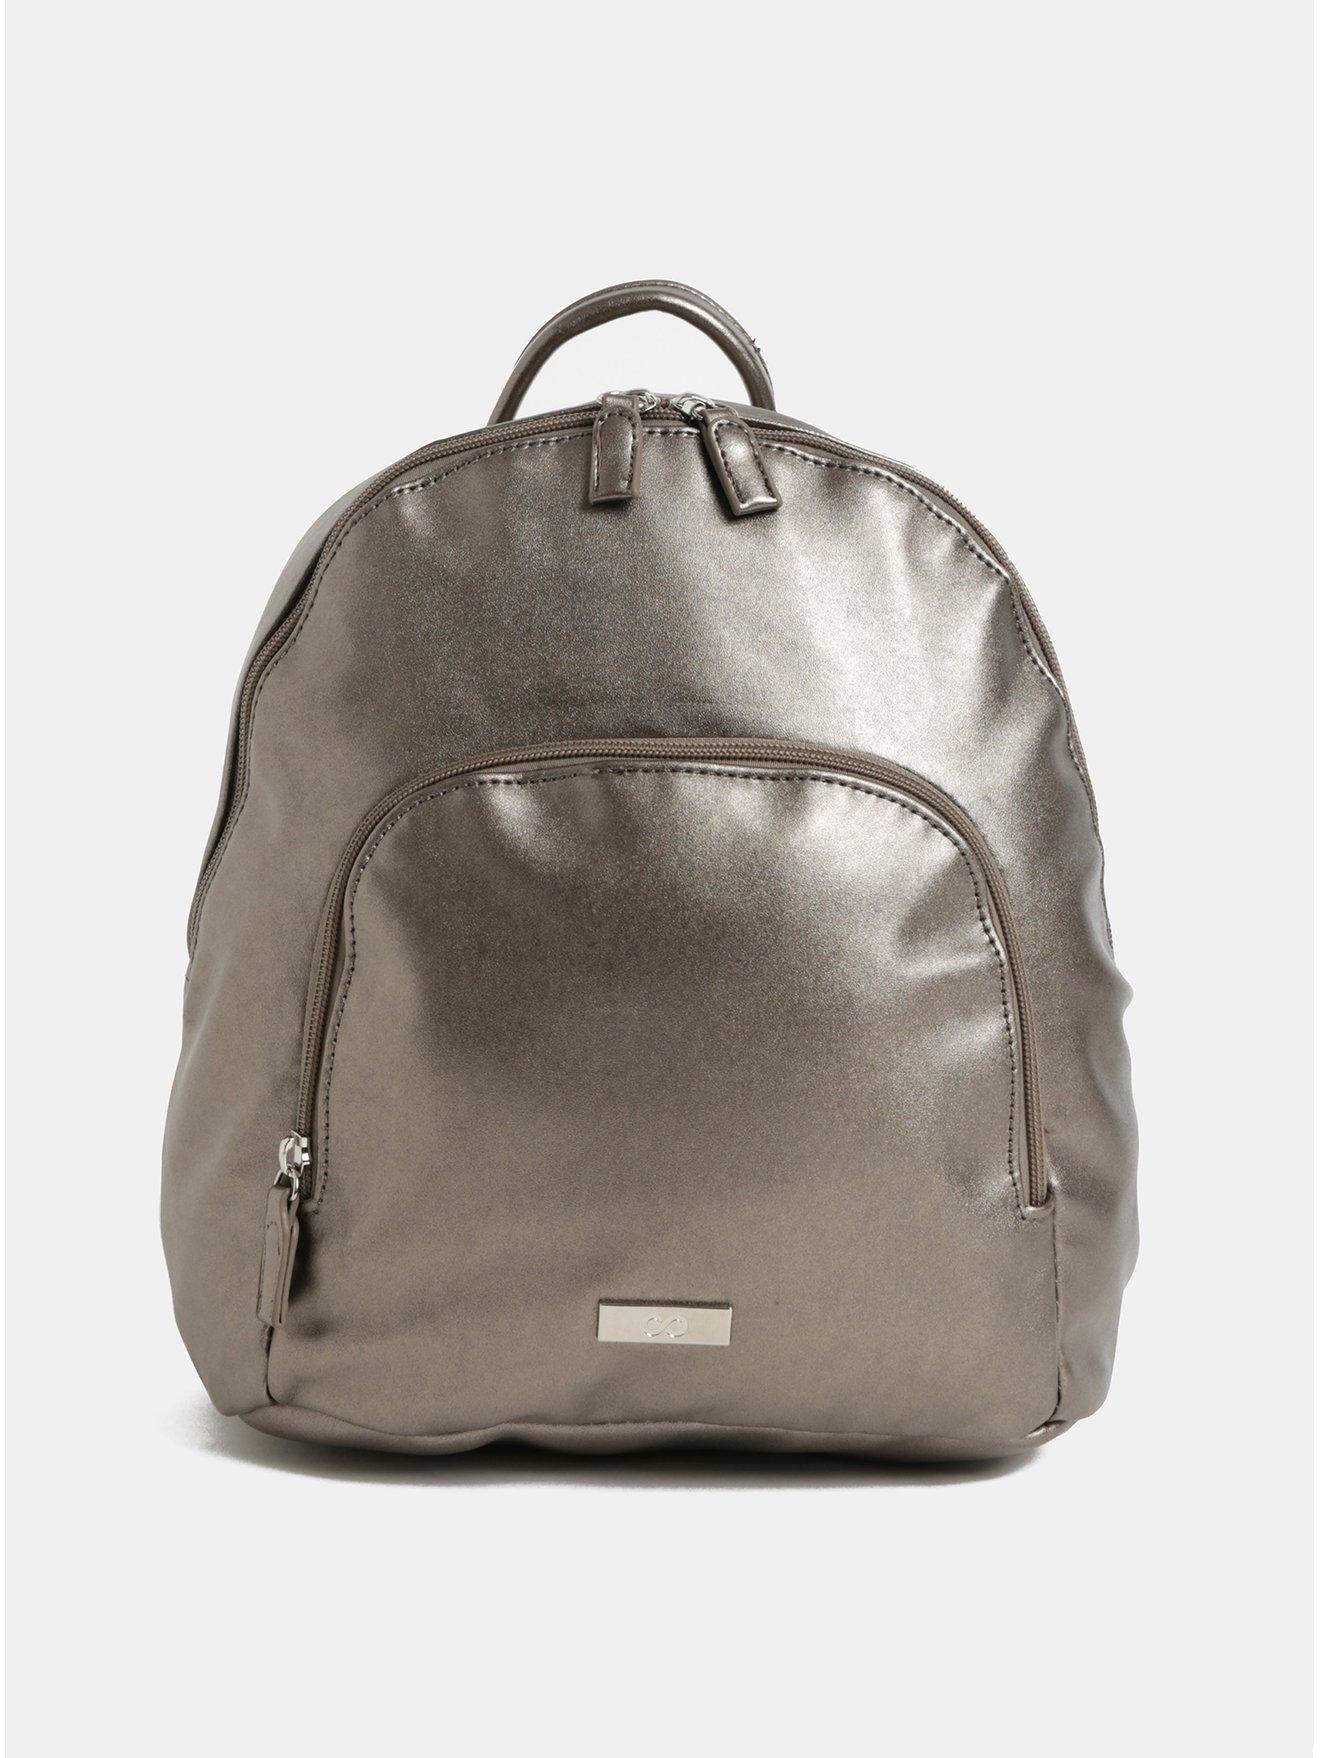 Fotografie Koženkový batoh ve stříbrné barvě s metalickými odlesky a přední kapsou ZOOT